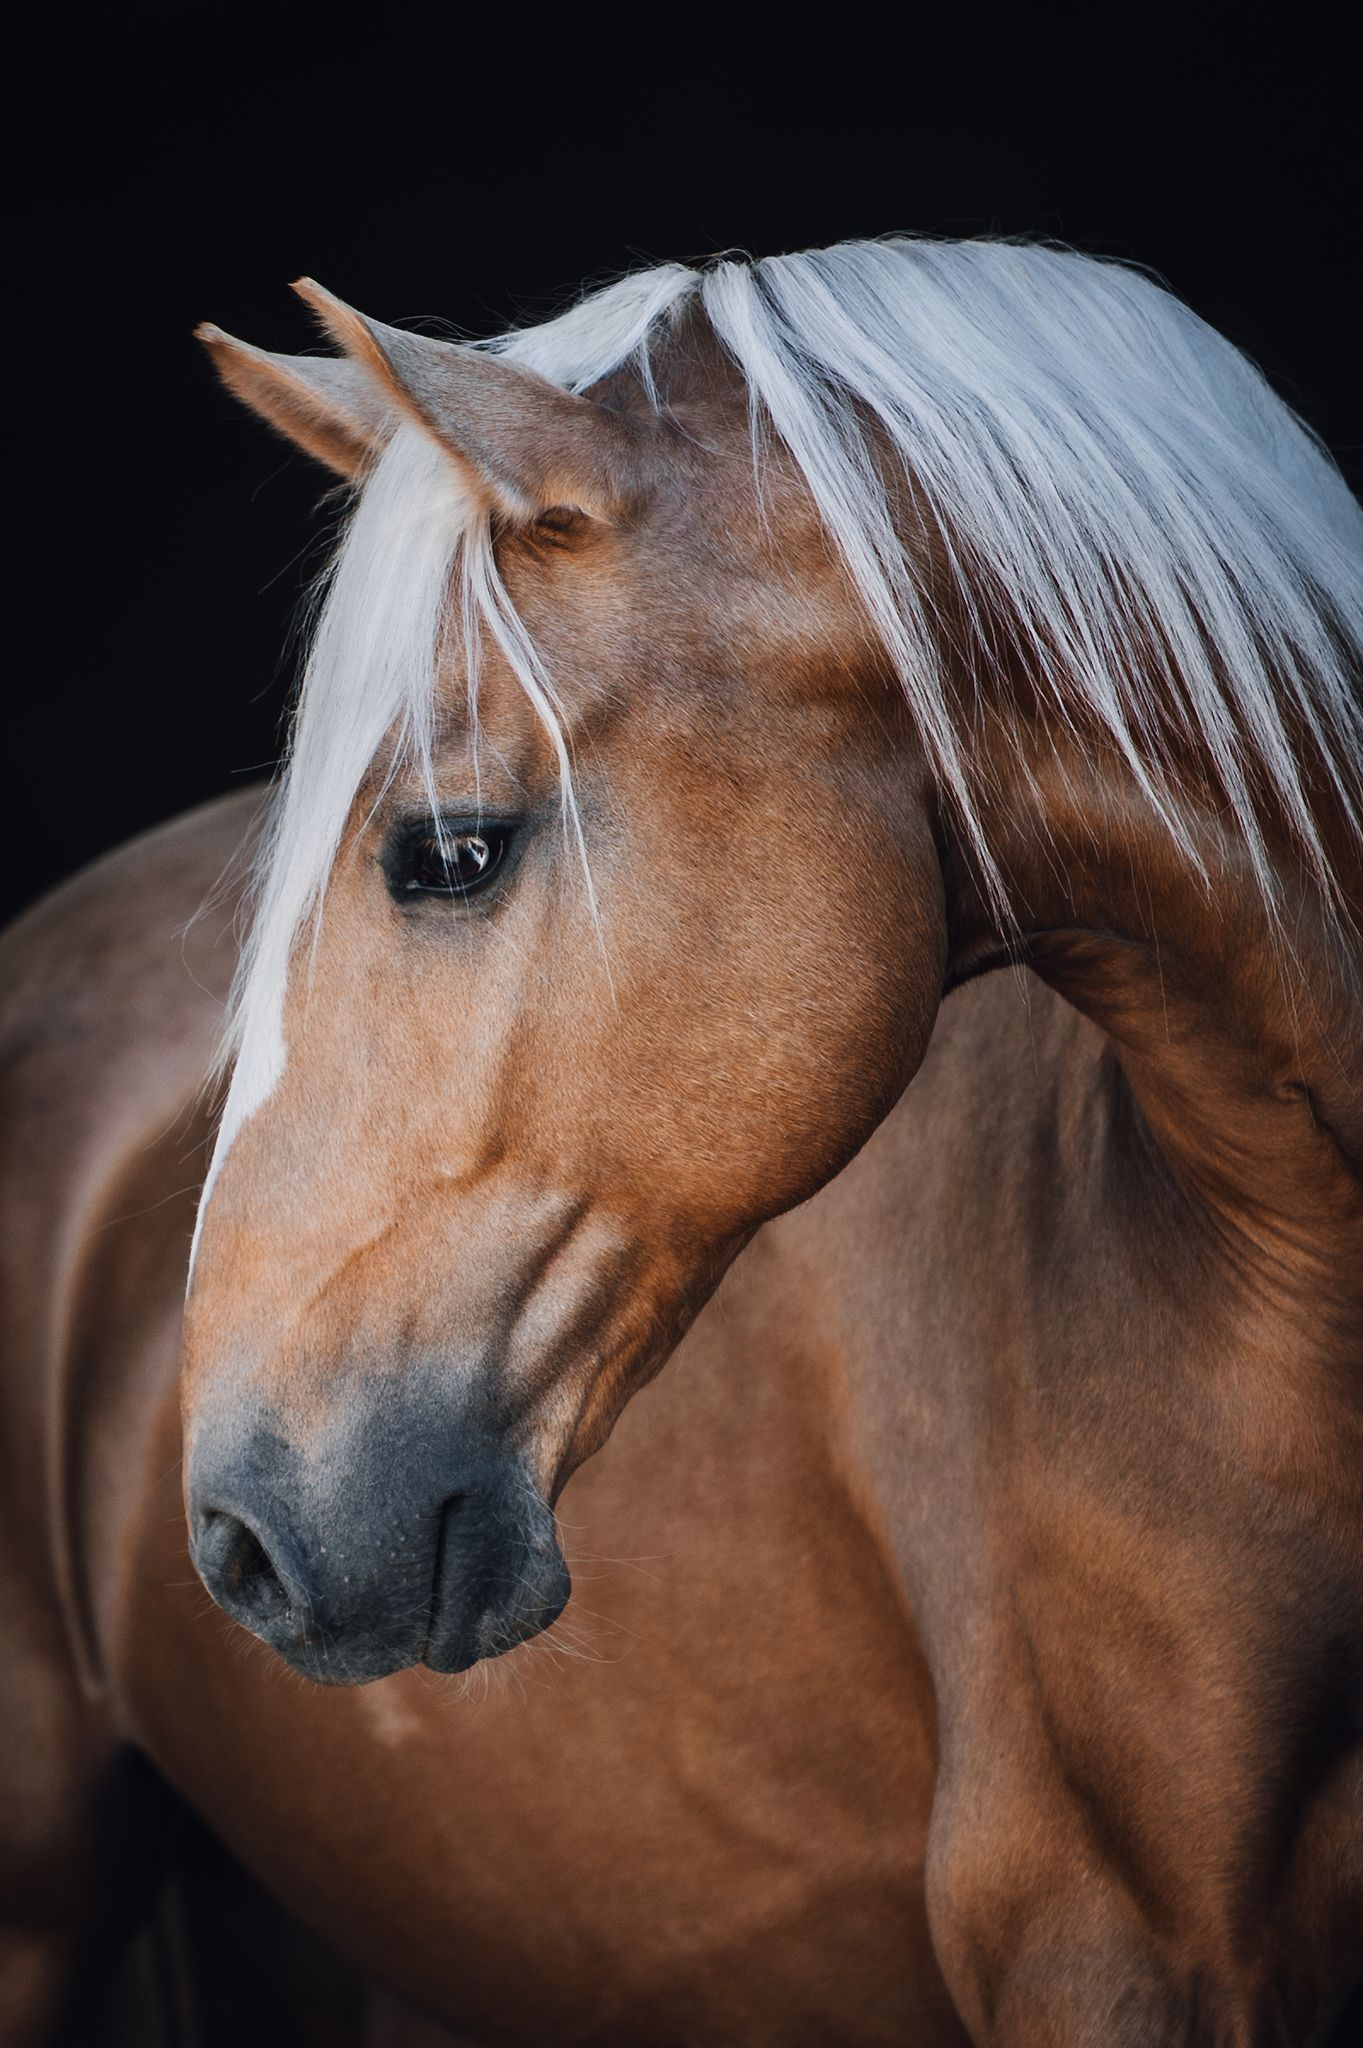 Fotos Pferde In Der Natur I In 2020 Pferde Hintergrundbilder